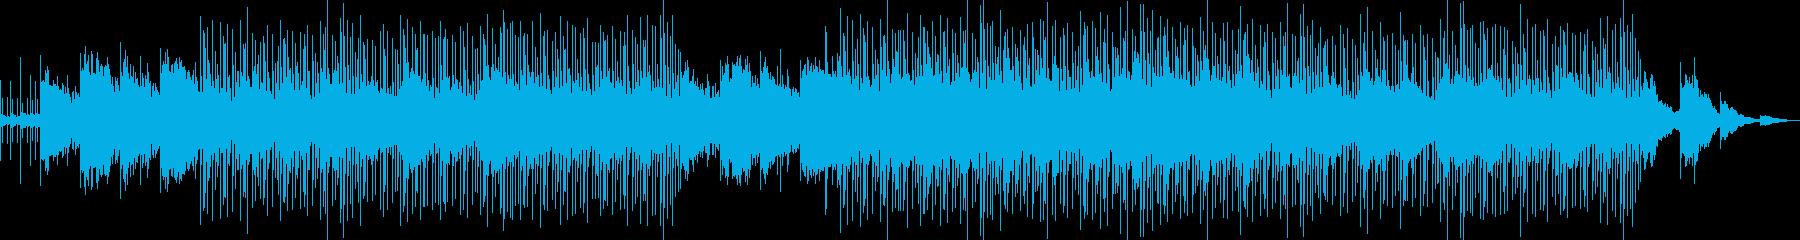 軽快で爽やかなリラックスできる曲です。の再生済みの波形